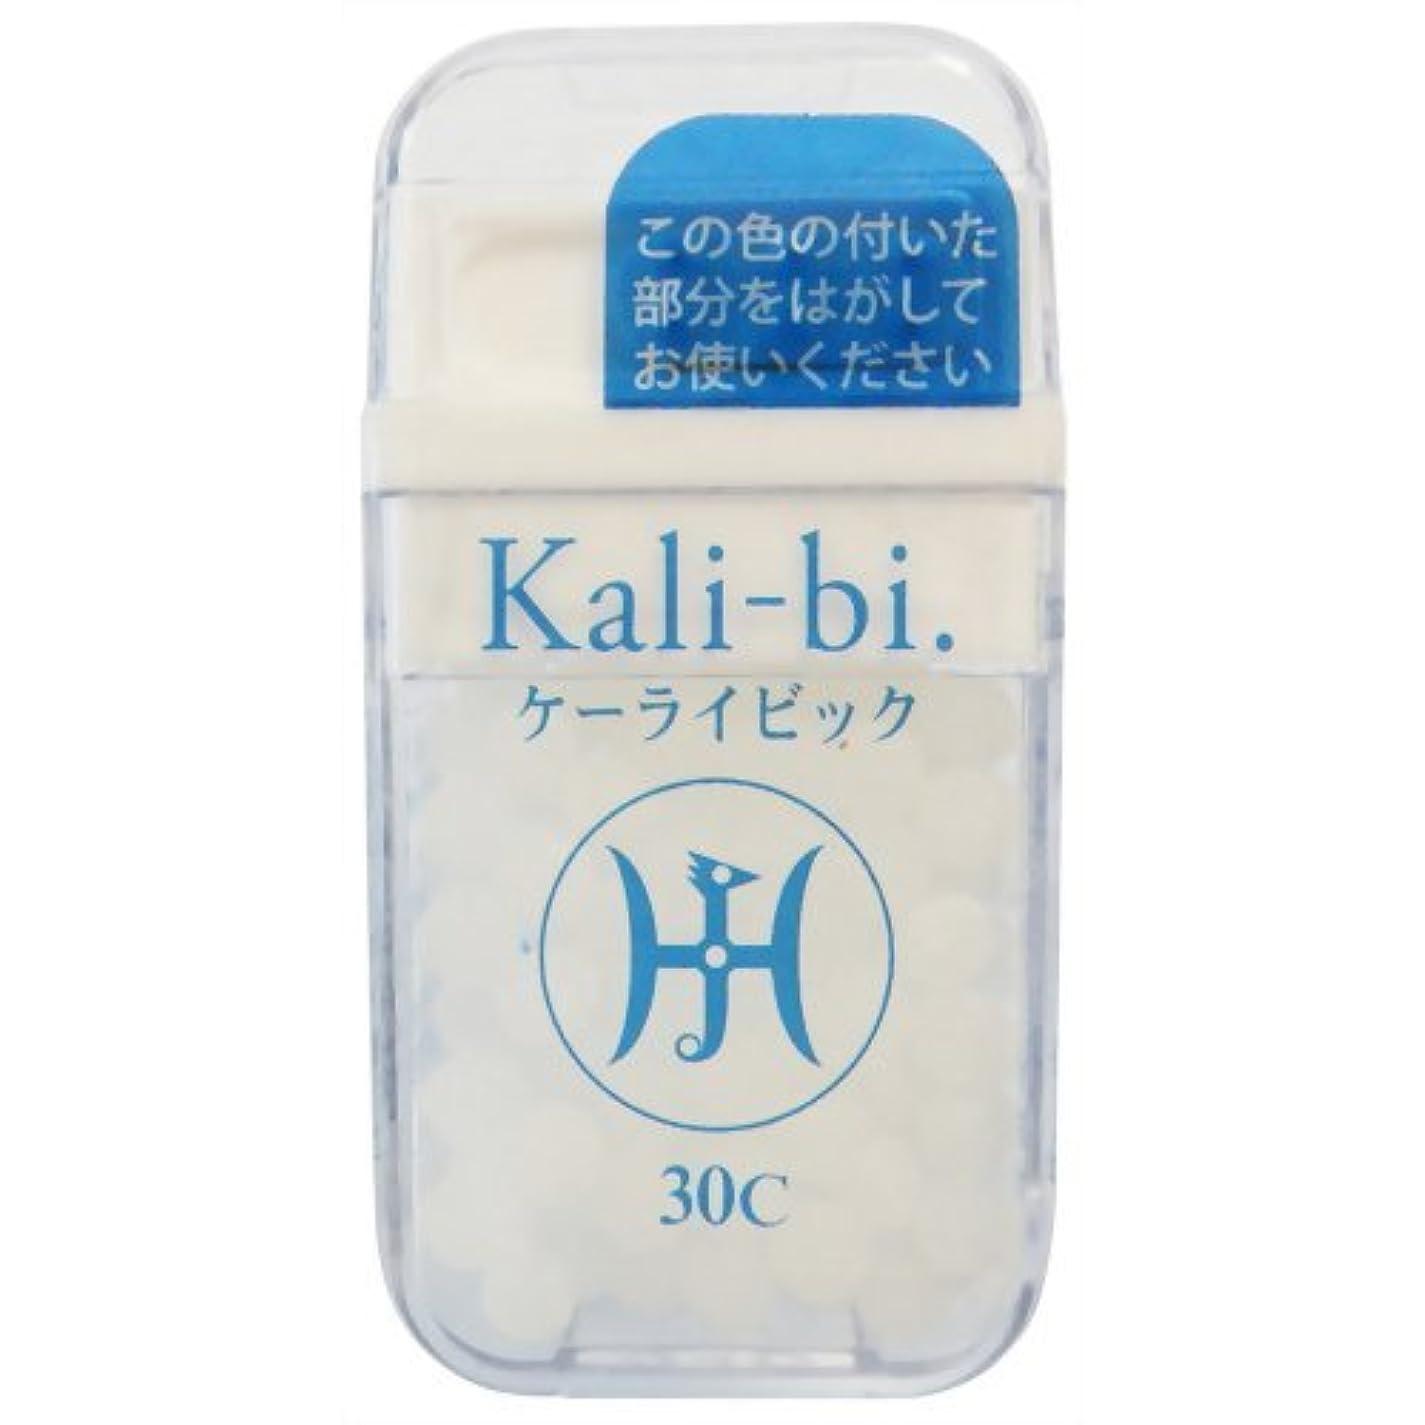 時計回りショップパステルホメオパシージャパンレメディー Kali-bi.  ケーライビック 30C (大ビン)